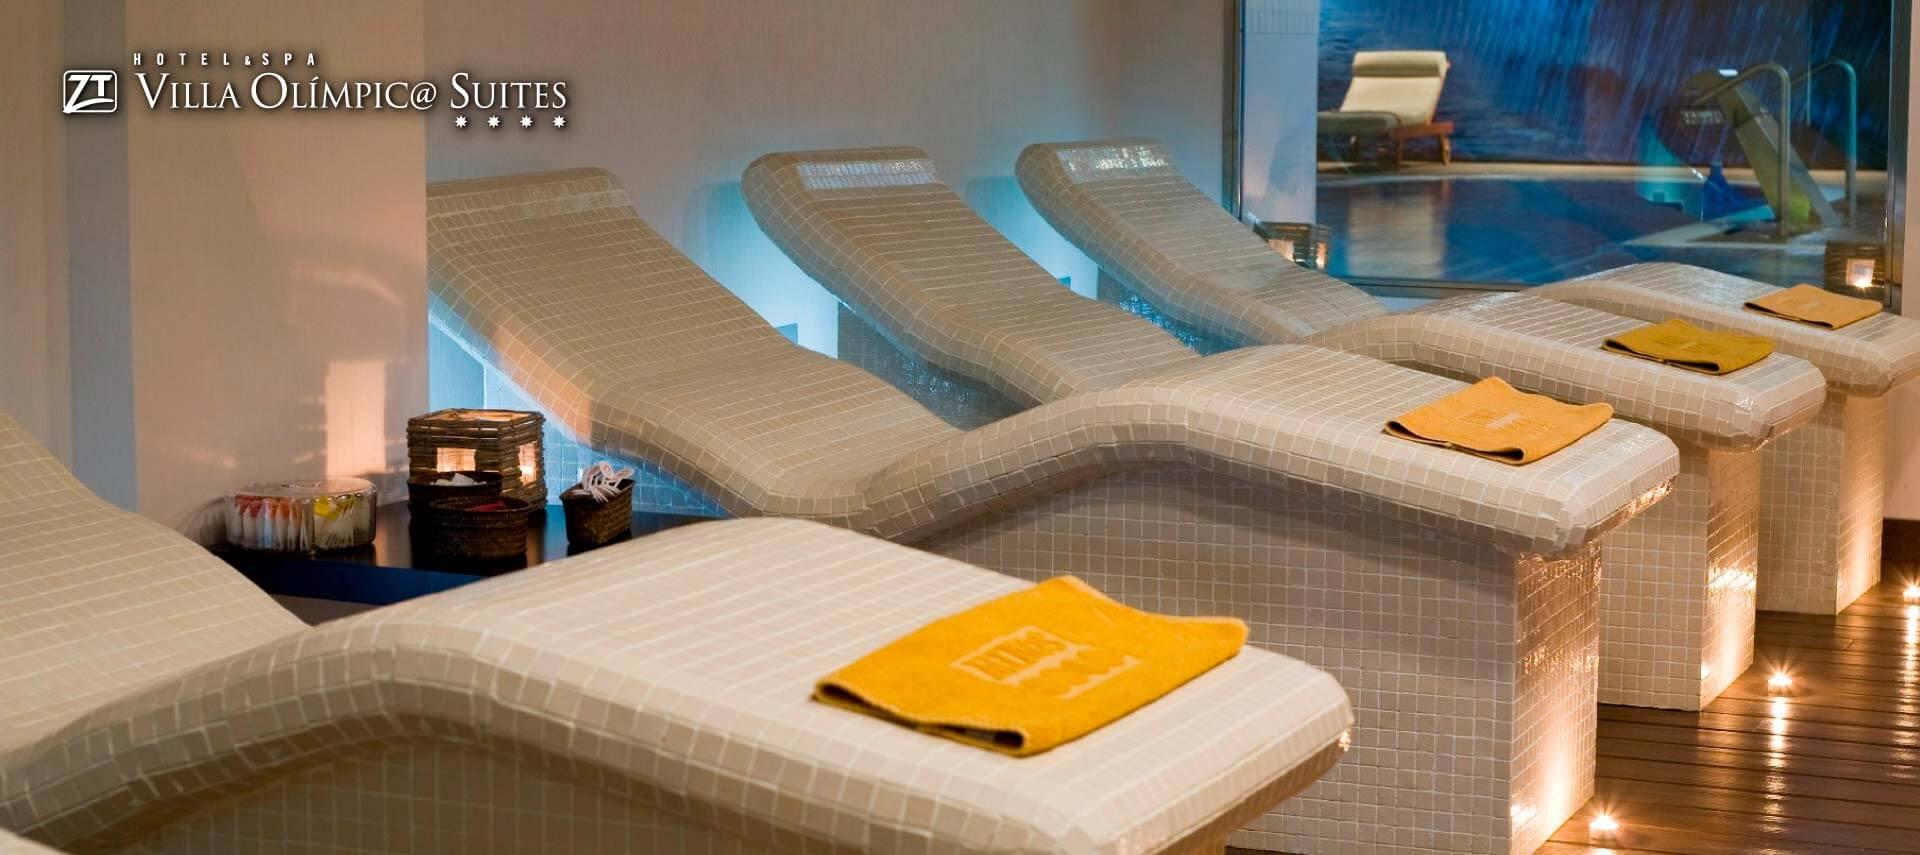 ZT Hotel Spa Villa Olímpica Suites